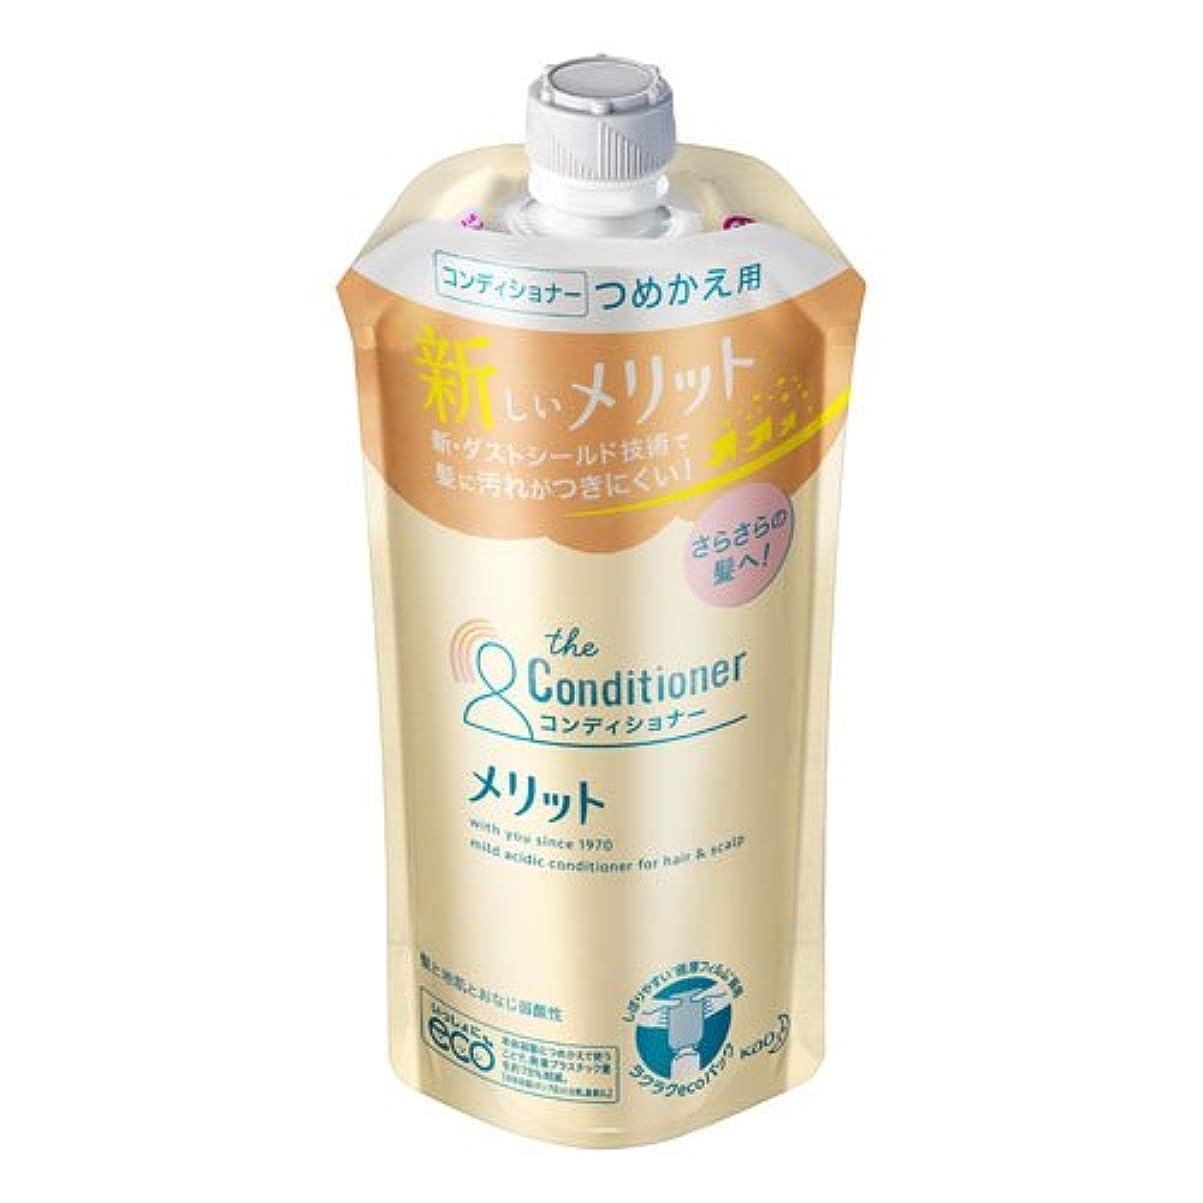 端末福祉注釈花王 メリット コンディショナー 詰替 340ml 【医薬部外品】